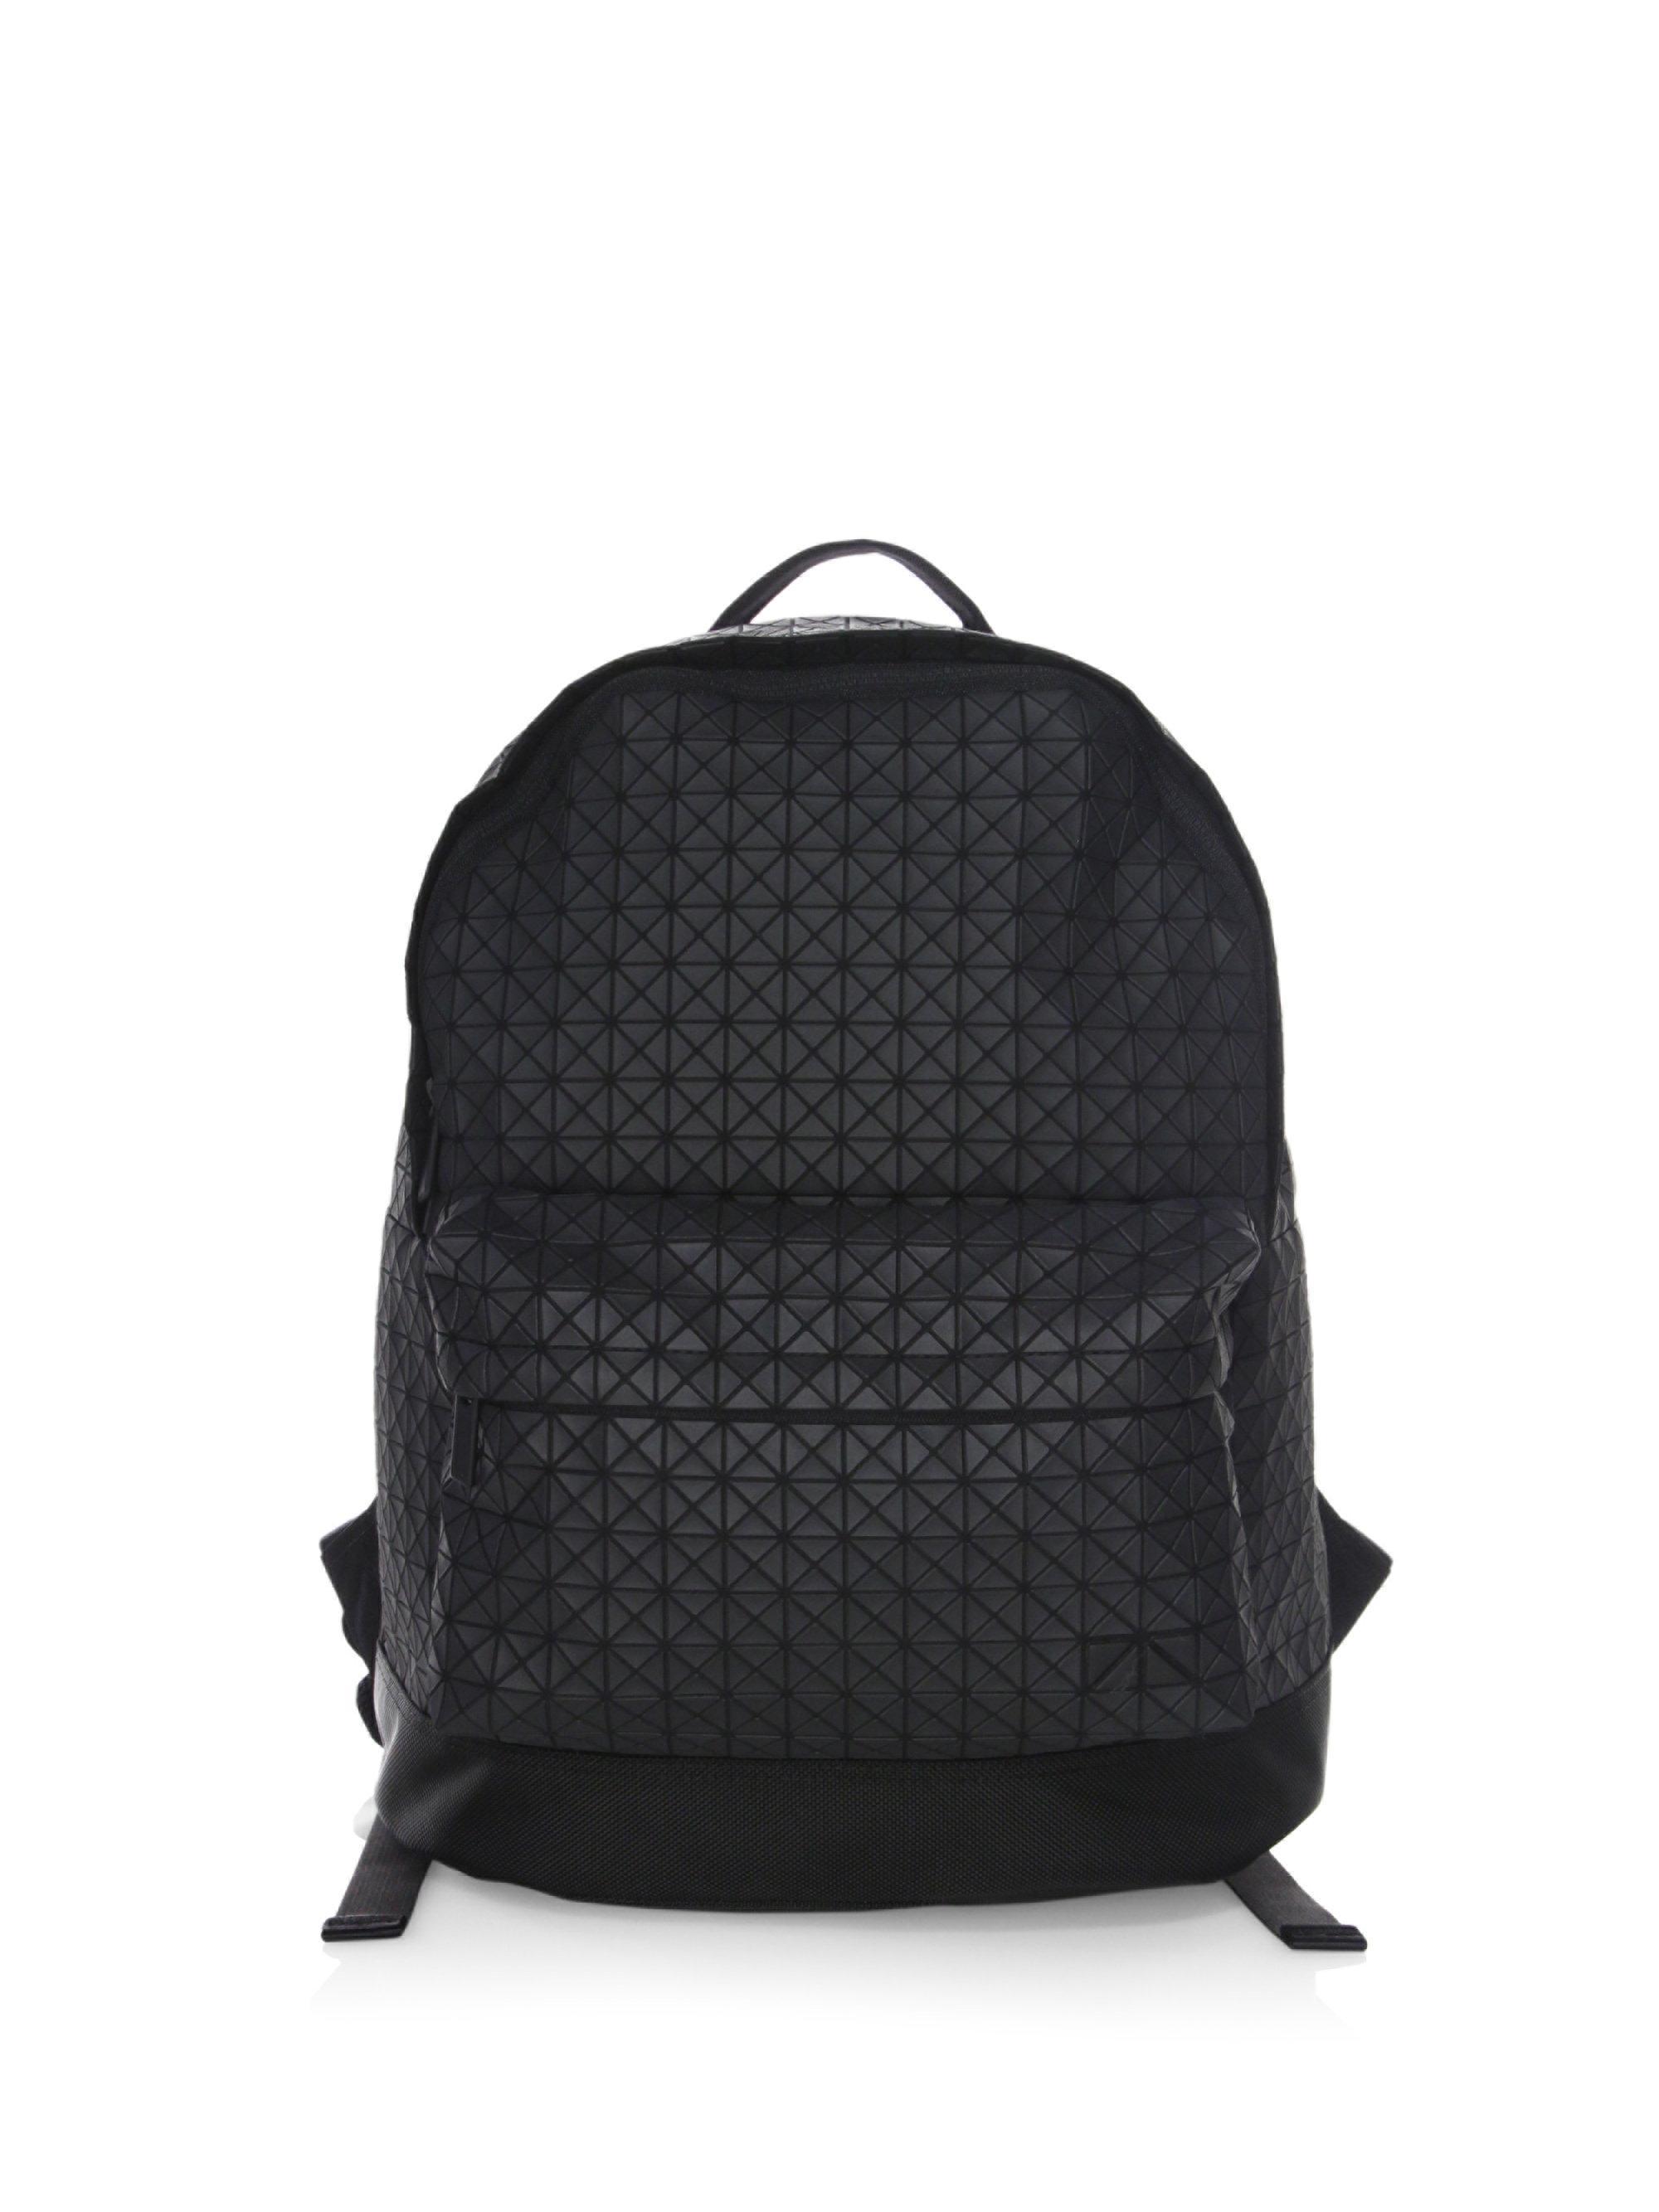 0afcda5842 Bao Bao Issey Miyake Men s Geometric Daypack Backpack - Matte Black ...